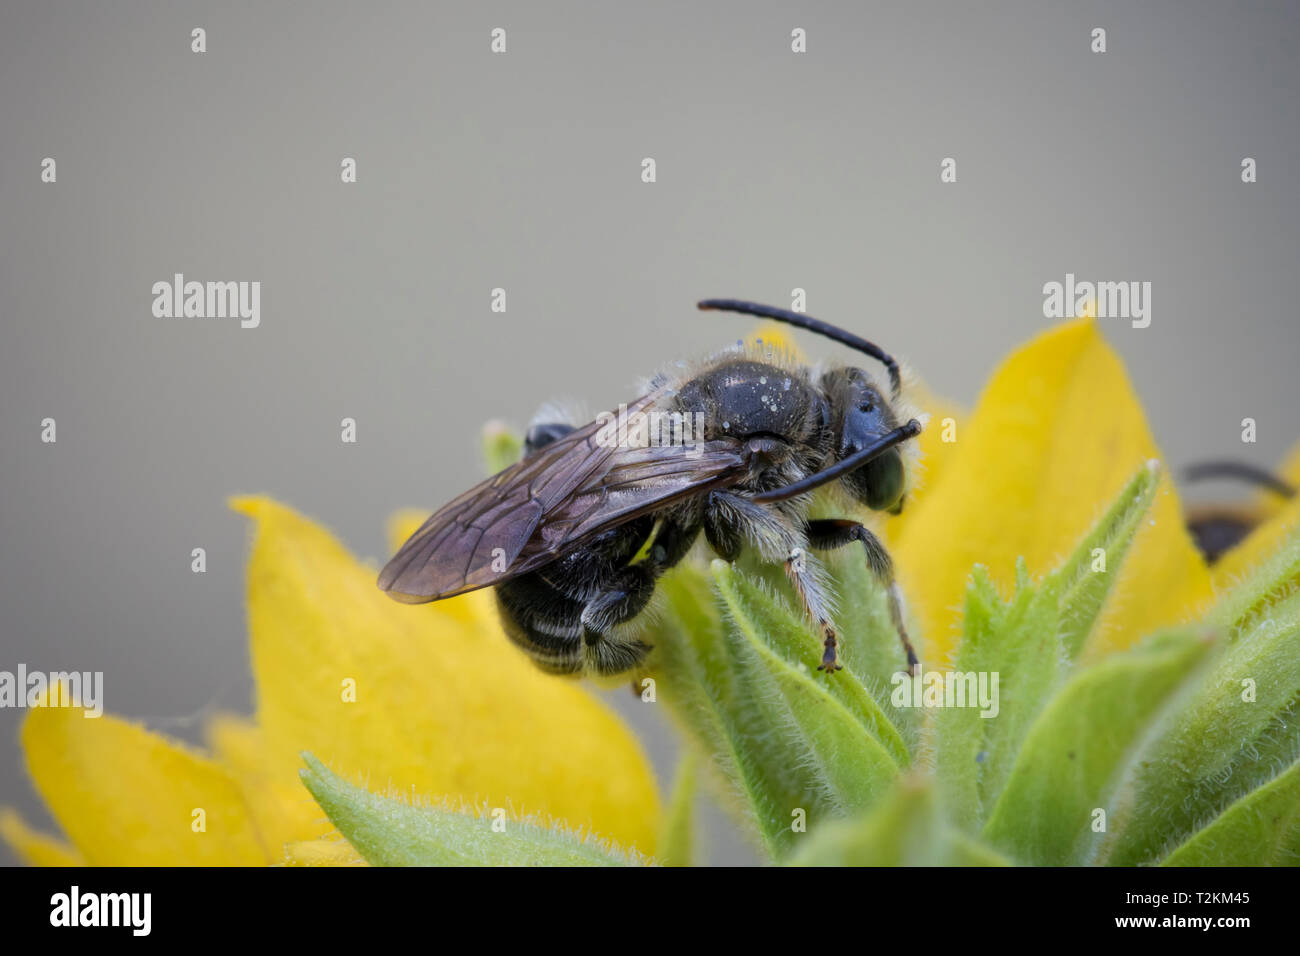 Wildbiene, Macropis - Stock Image